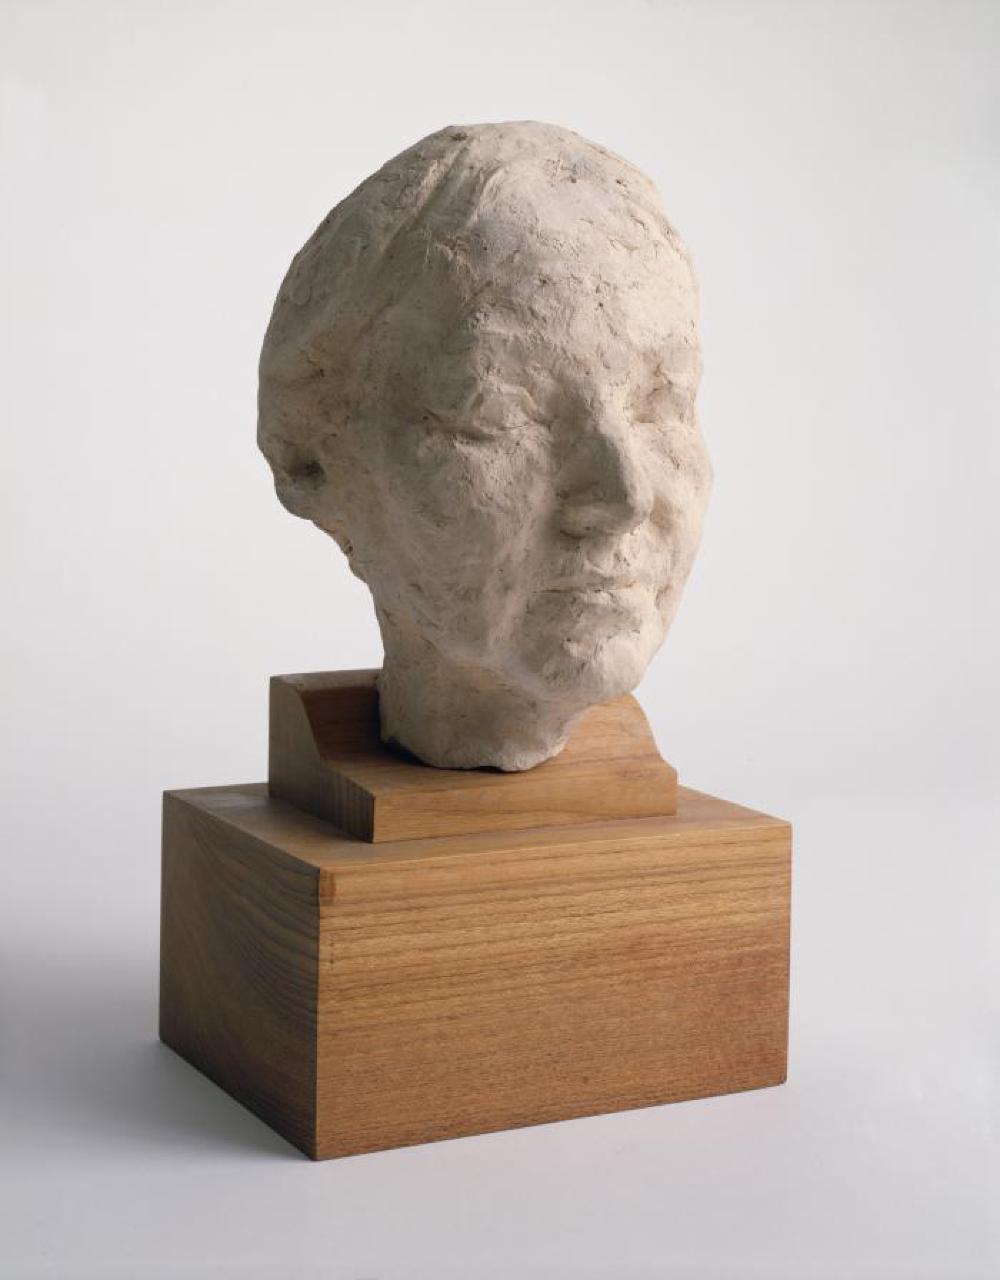 Leonie Gilmour, image 1